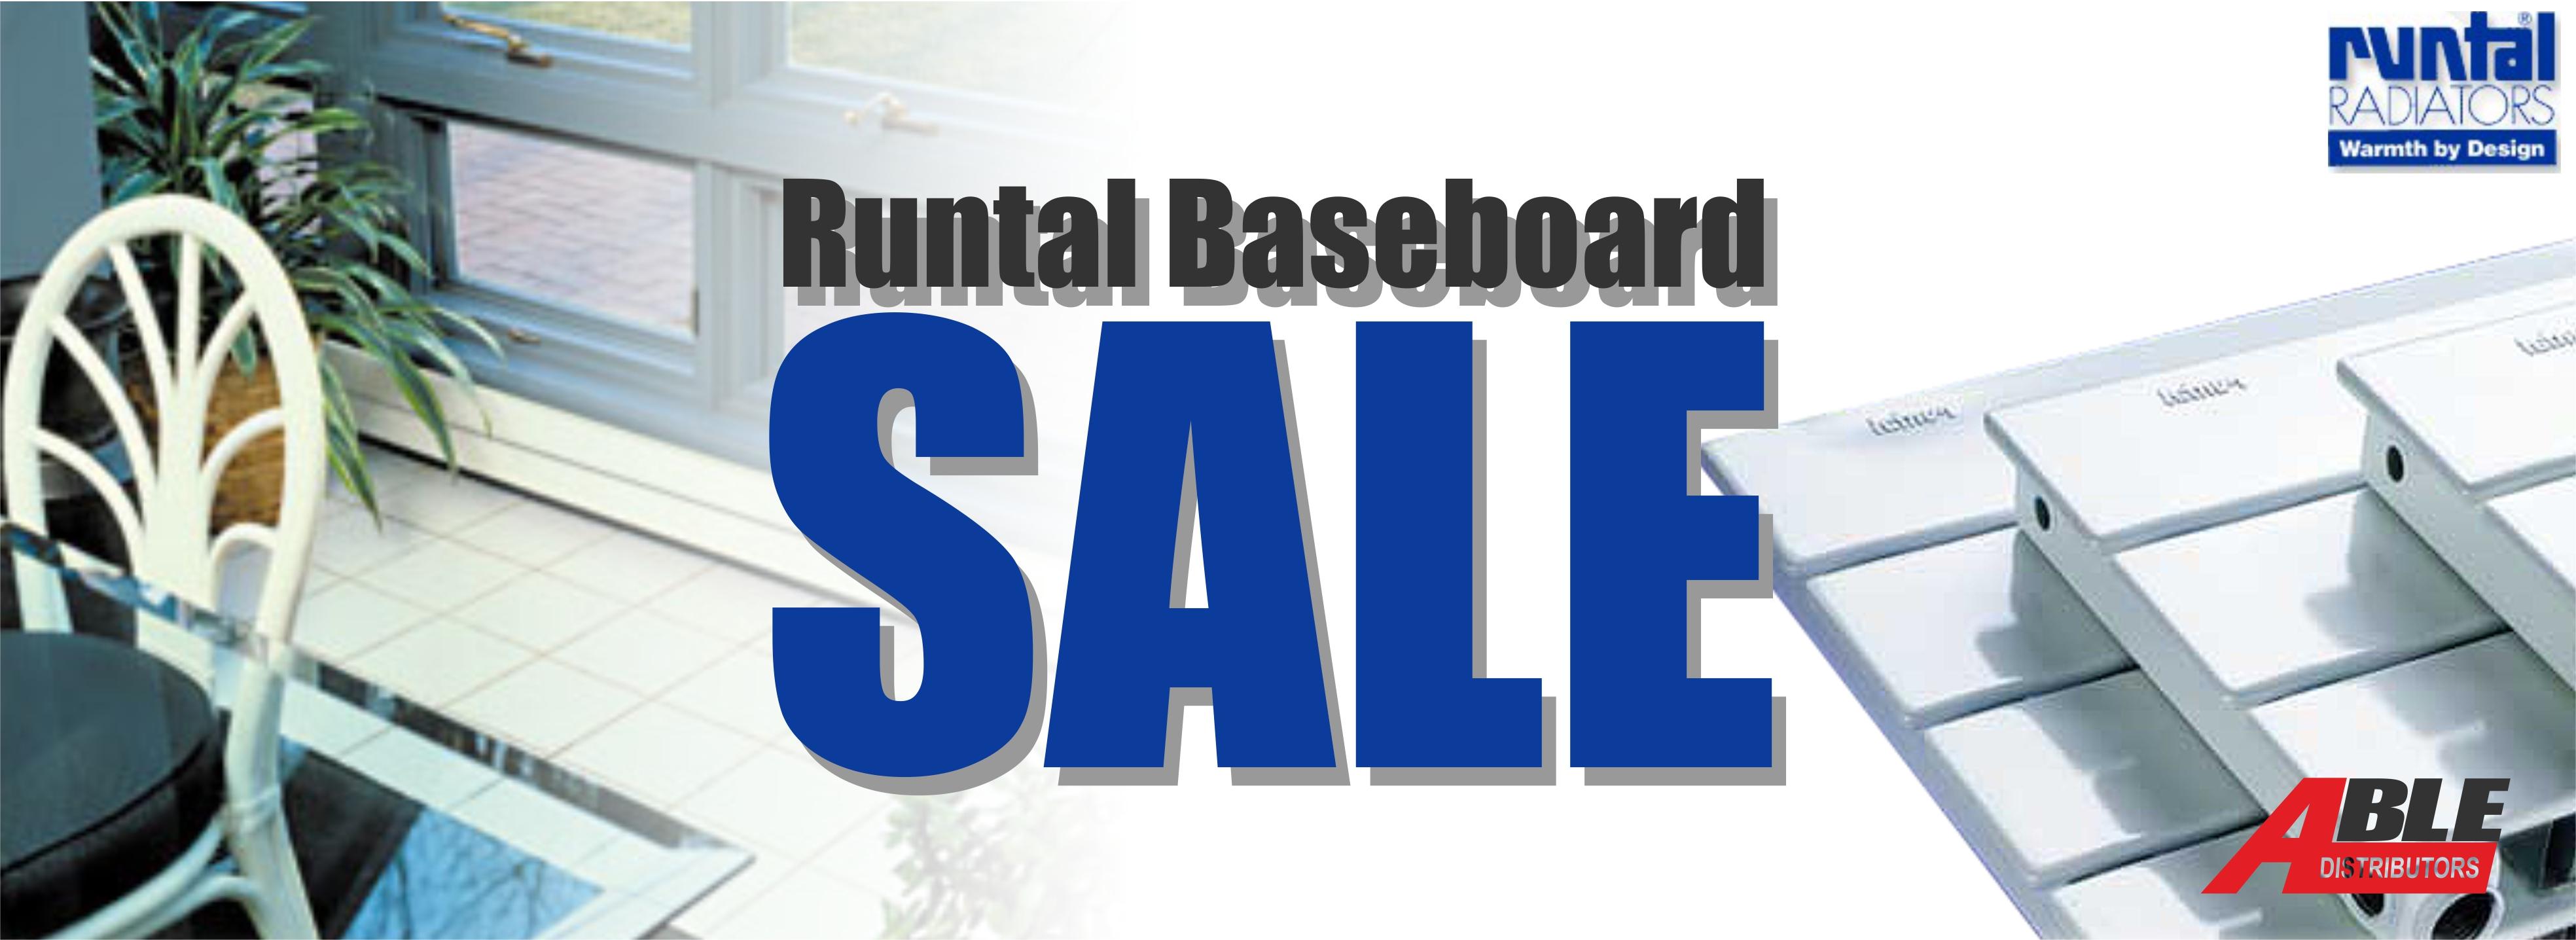 runtal_bb_sales